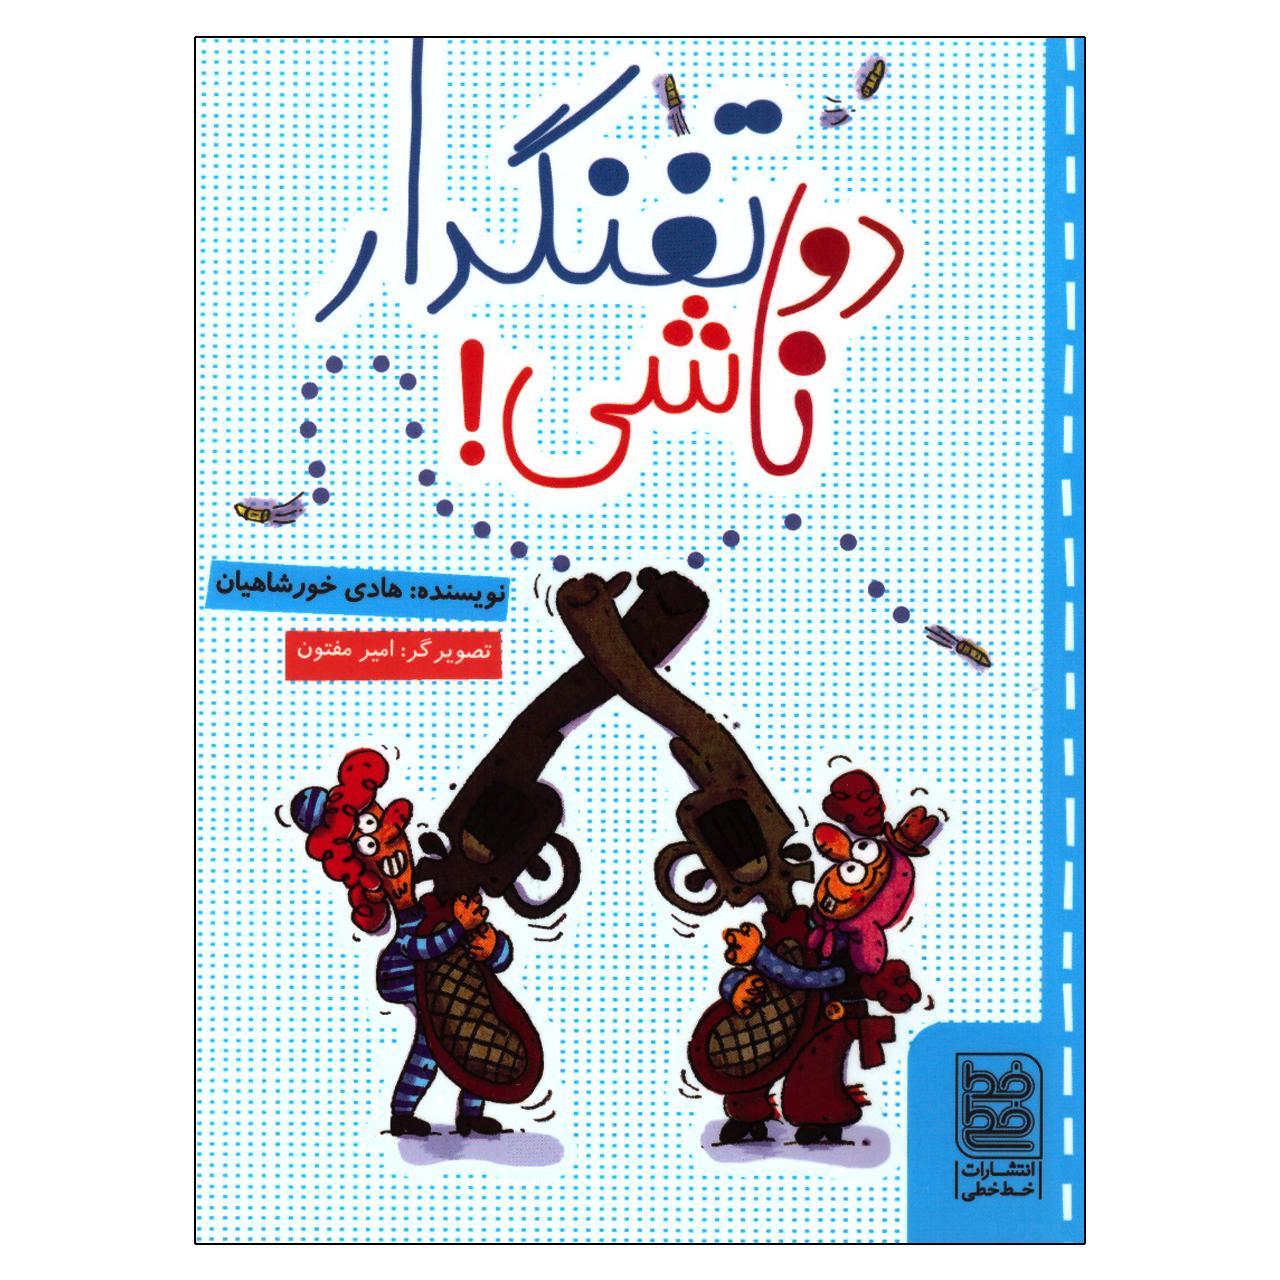 کتاب دو تفنگدار ناشی! اثر هادی خورشاهیان انتشارات خط خطی